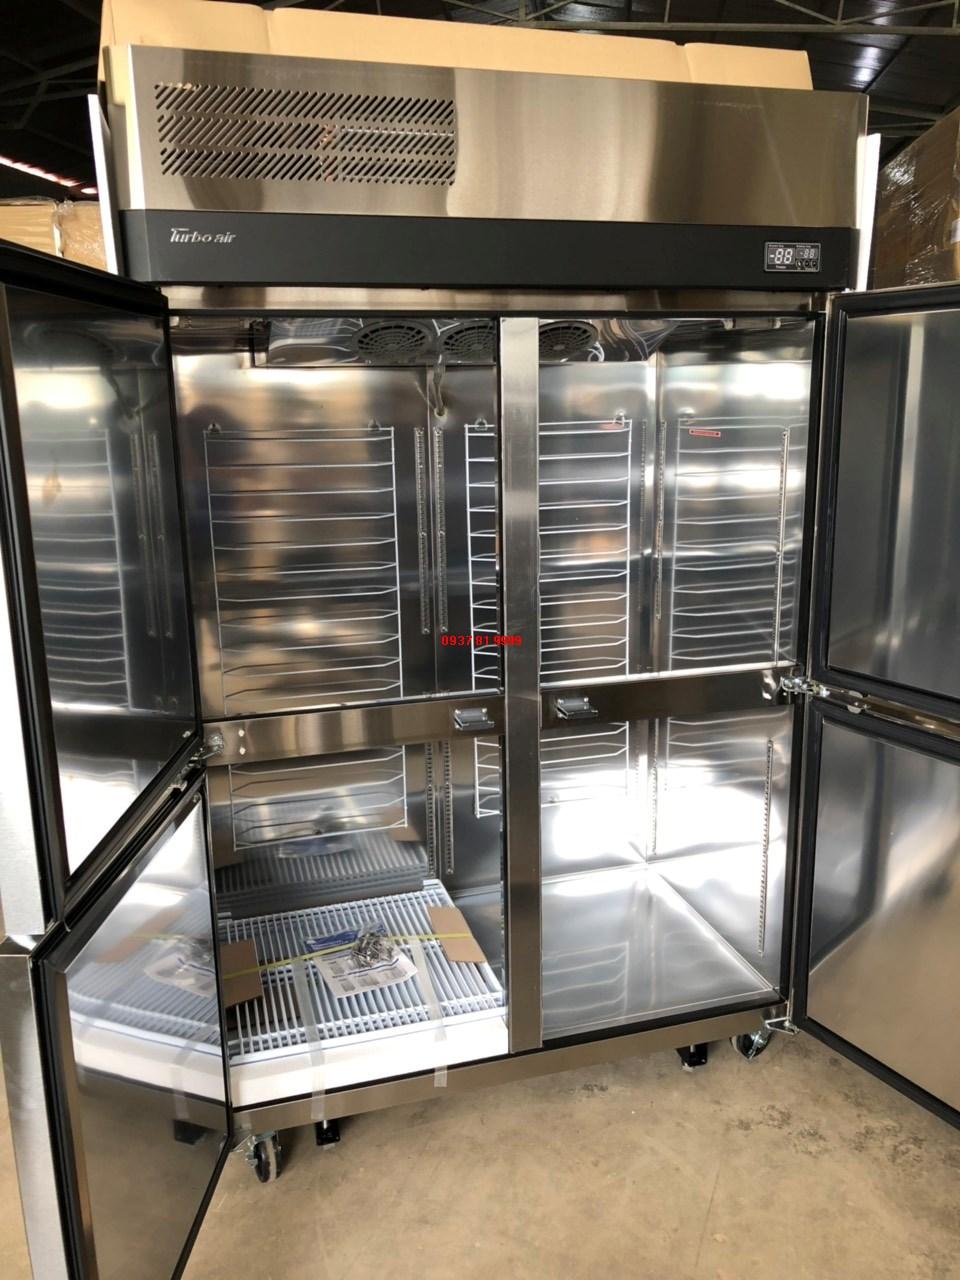 Hướng dẫn sử dụng tủ đông tủ mát Turbo Air - ảnh 2